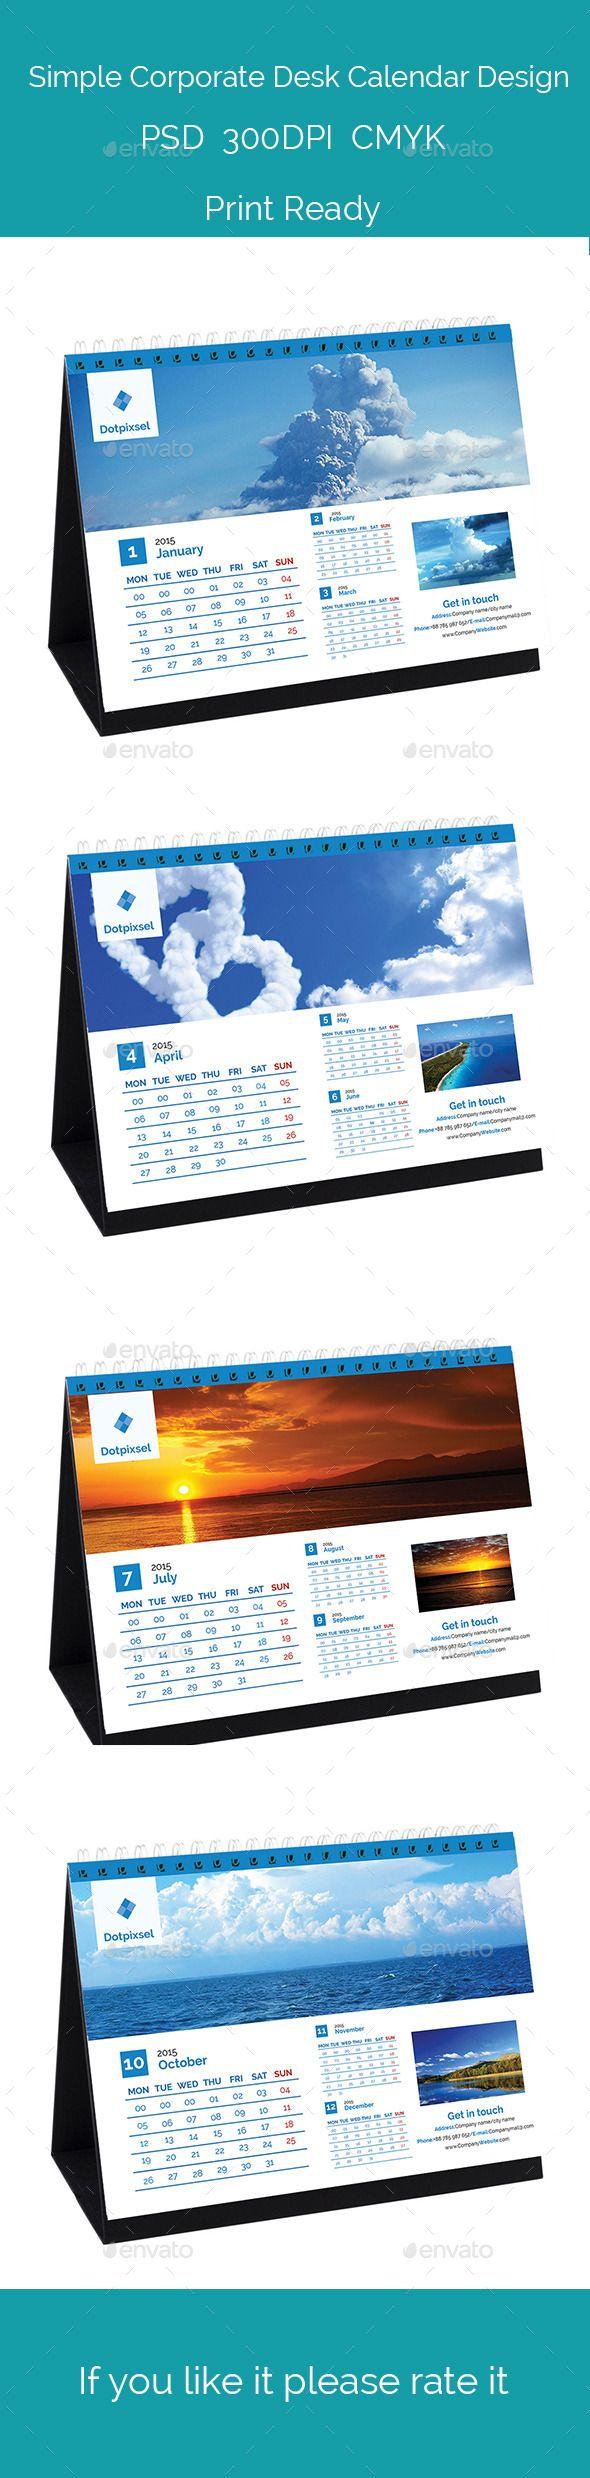 Simple Corporate Desk calendar